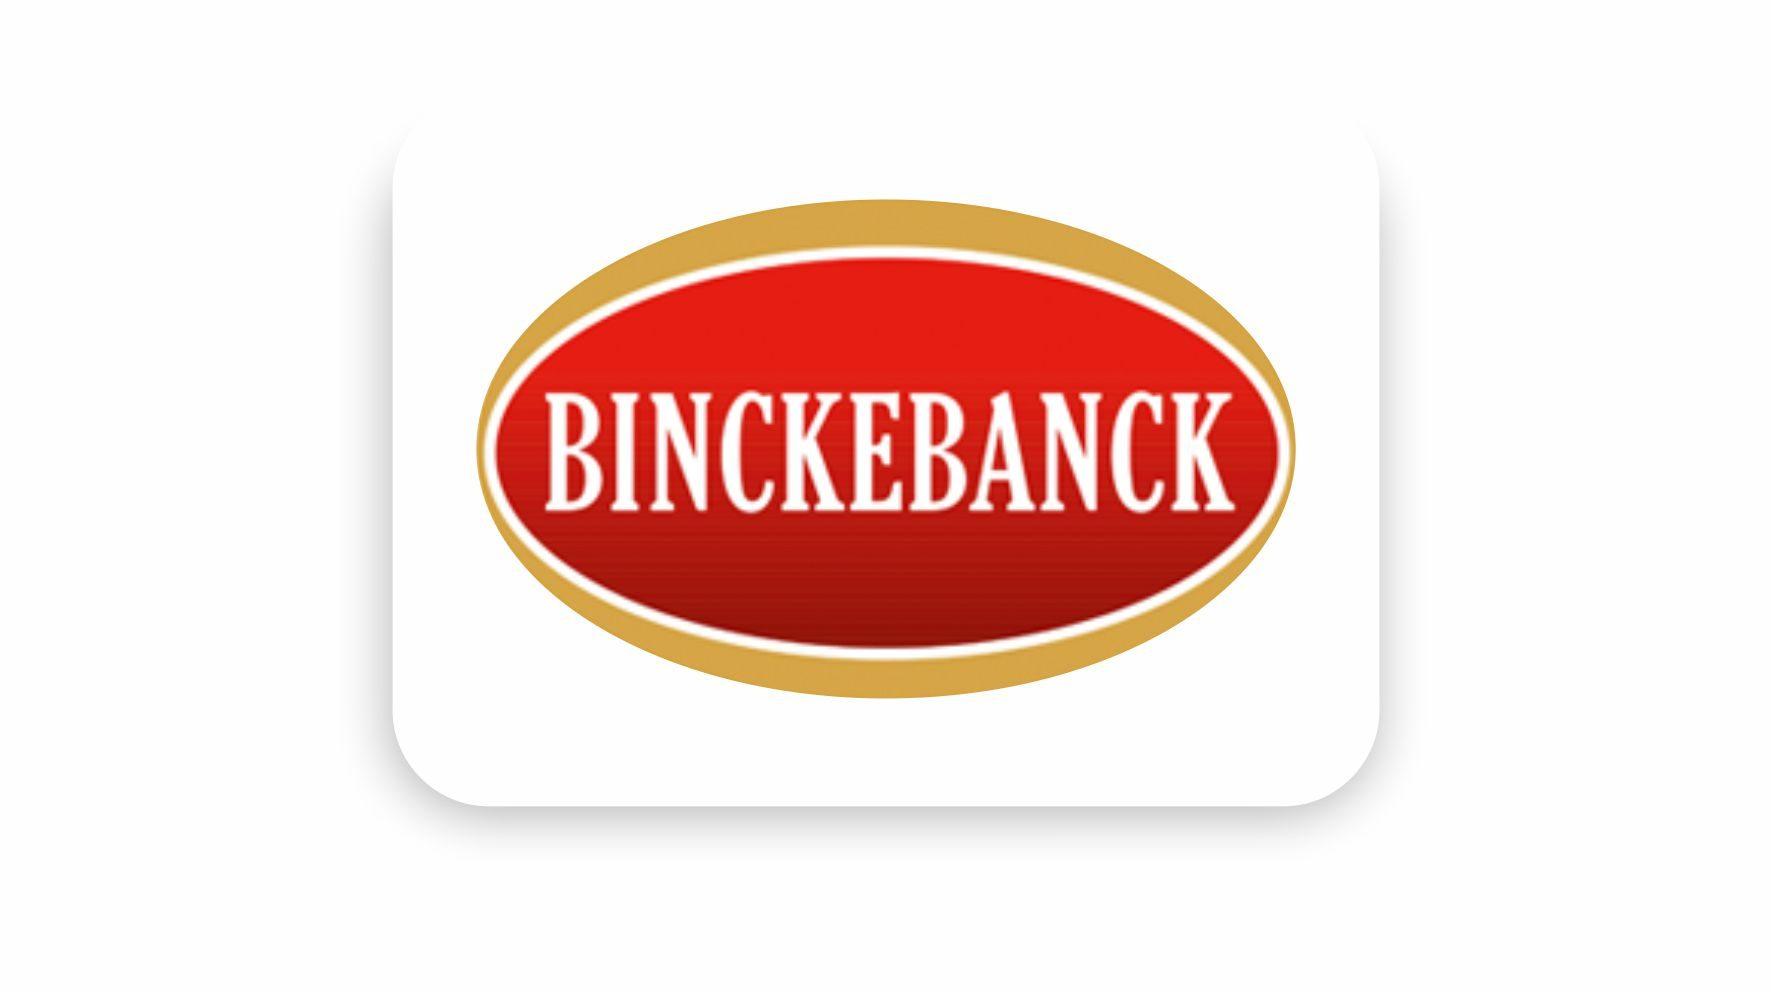 Binckebanck